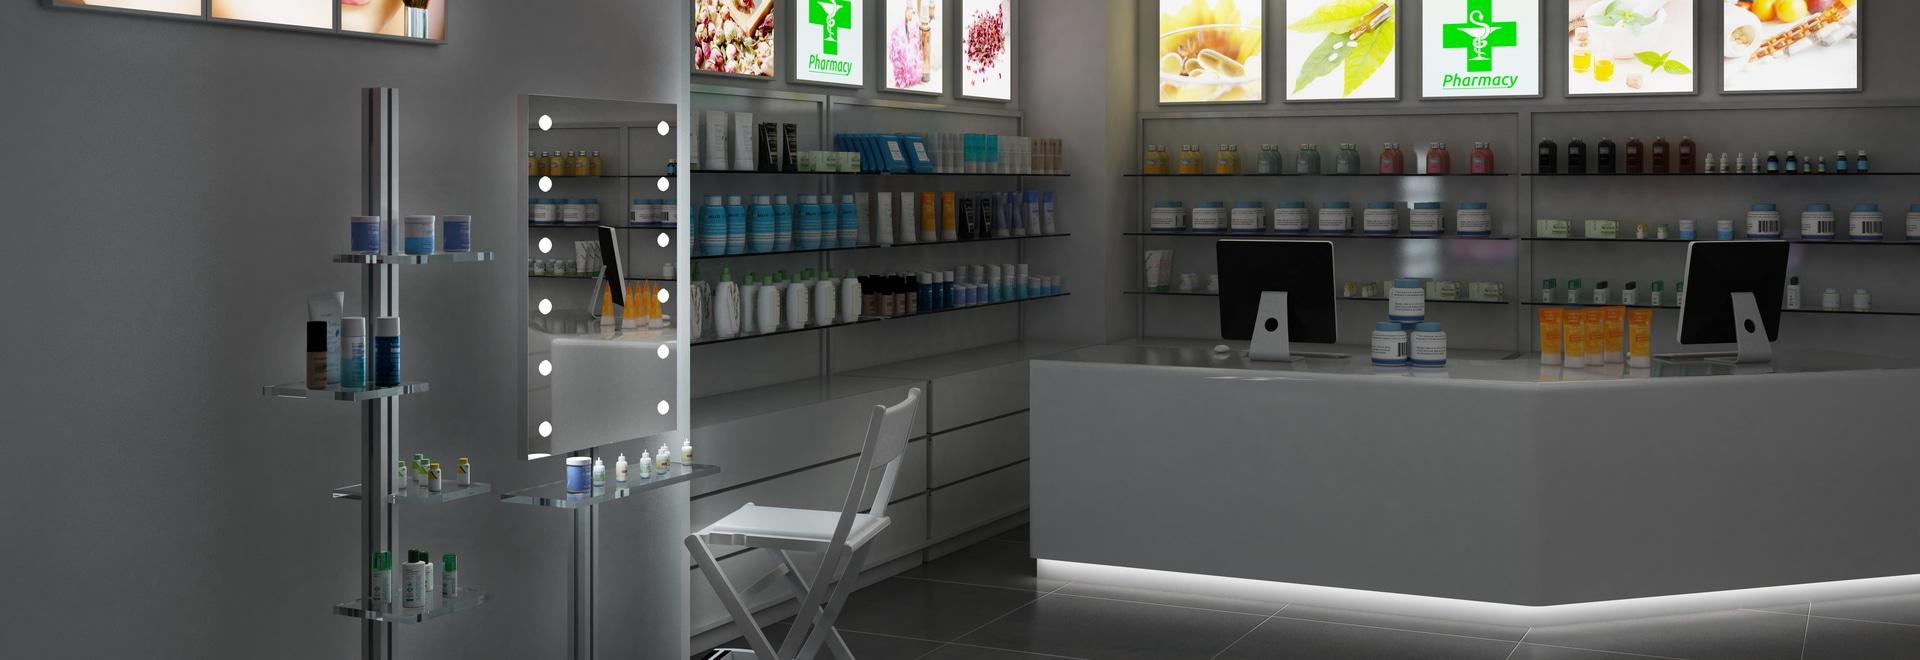 Lo specchio makeup in farmacia